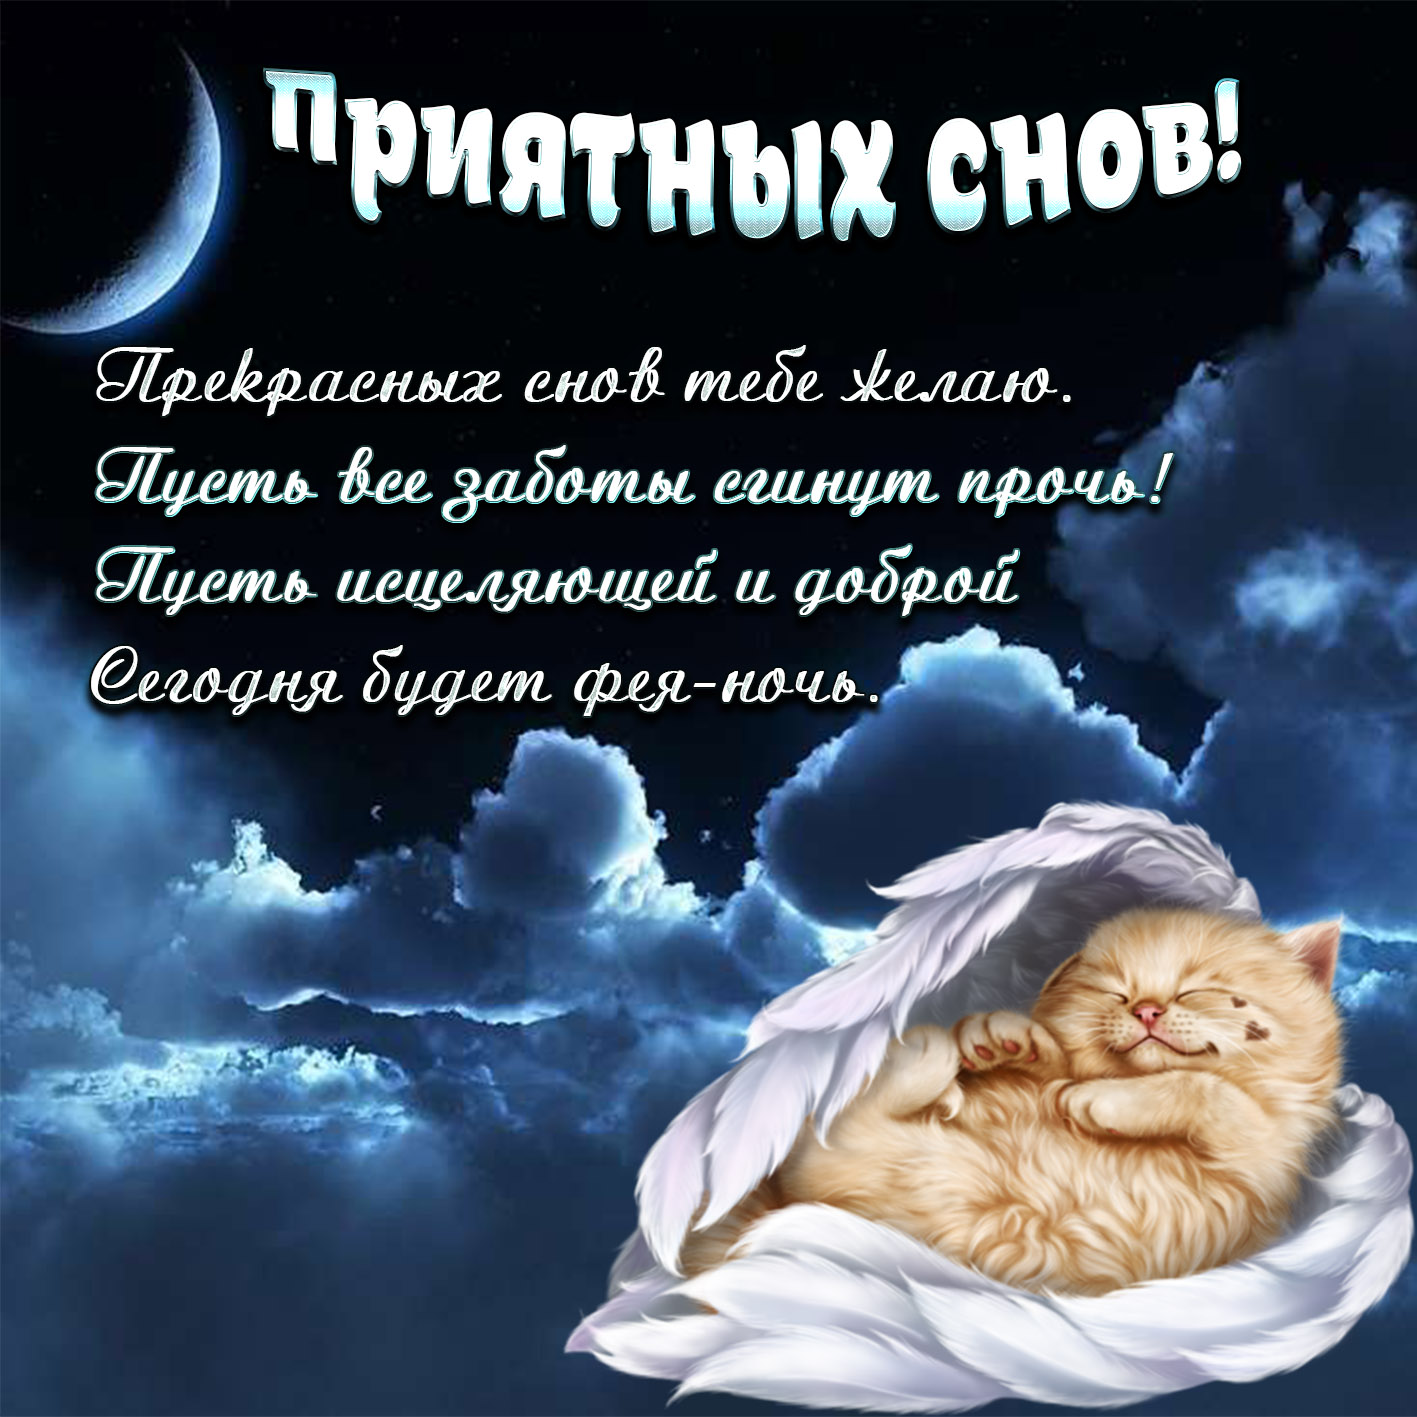 Поздравлением, самые оригинальные открытки спокойной ночи